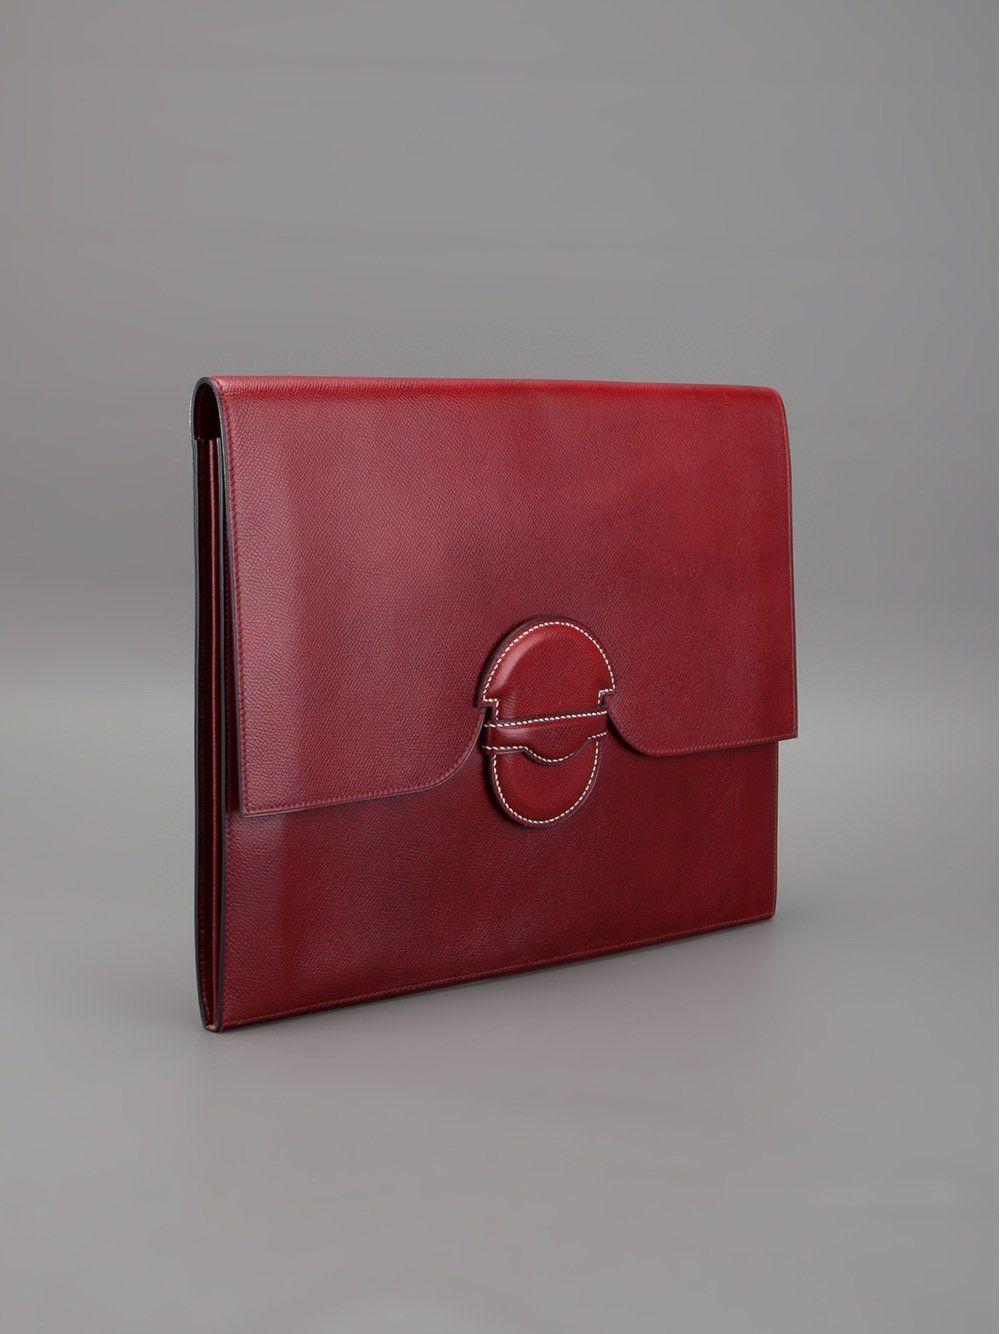 Hermès Vintage \'Marco Polo Club\' clutch | carteras bellas ...